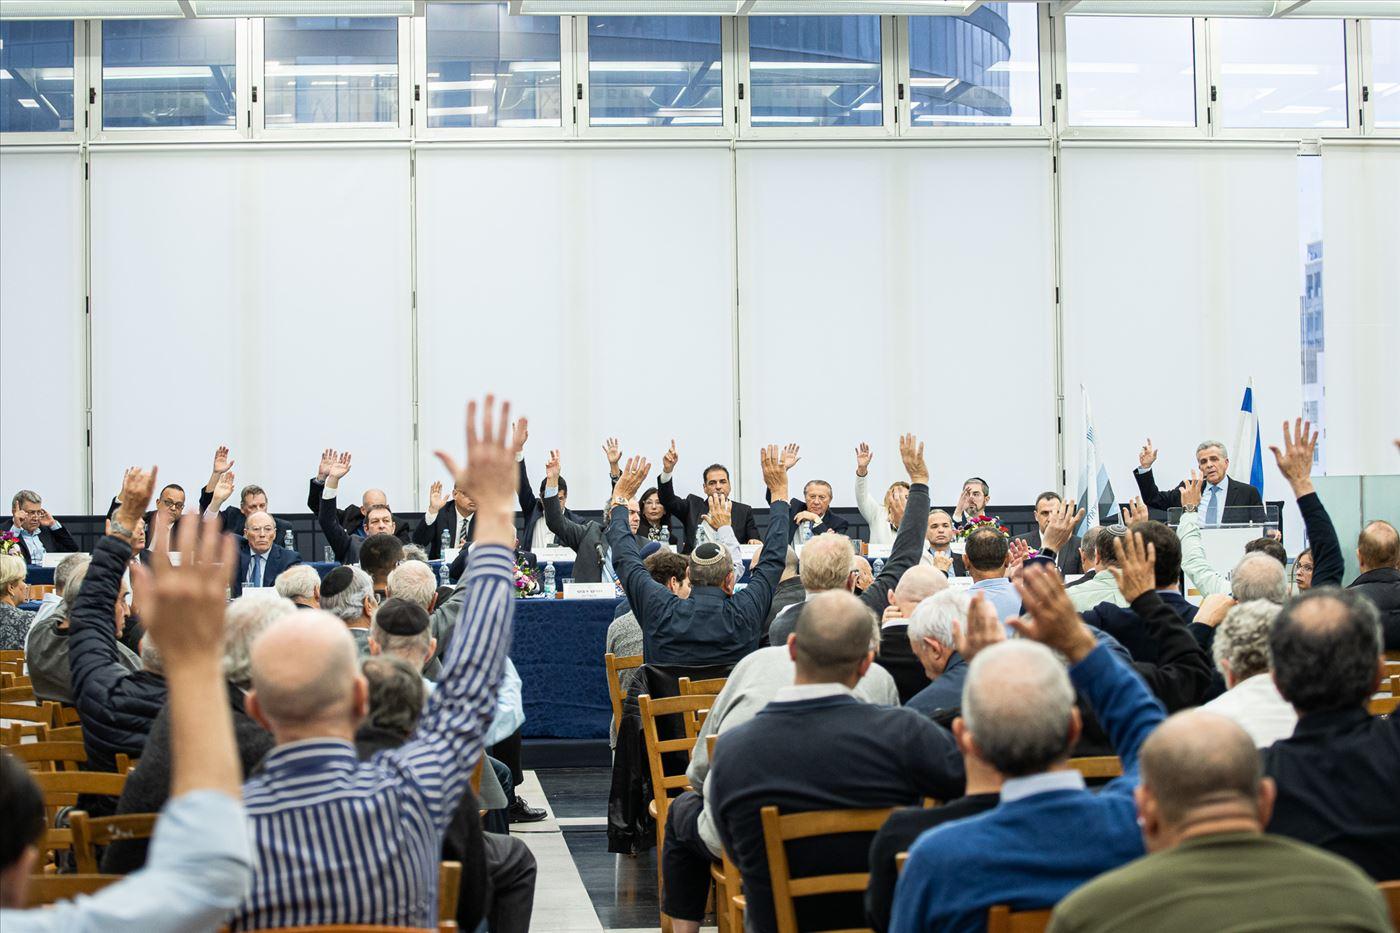 גלרייה - האסיפה הכללית ה-70 תמונה 124 מתוך 239